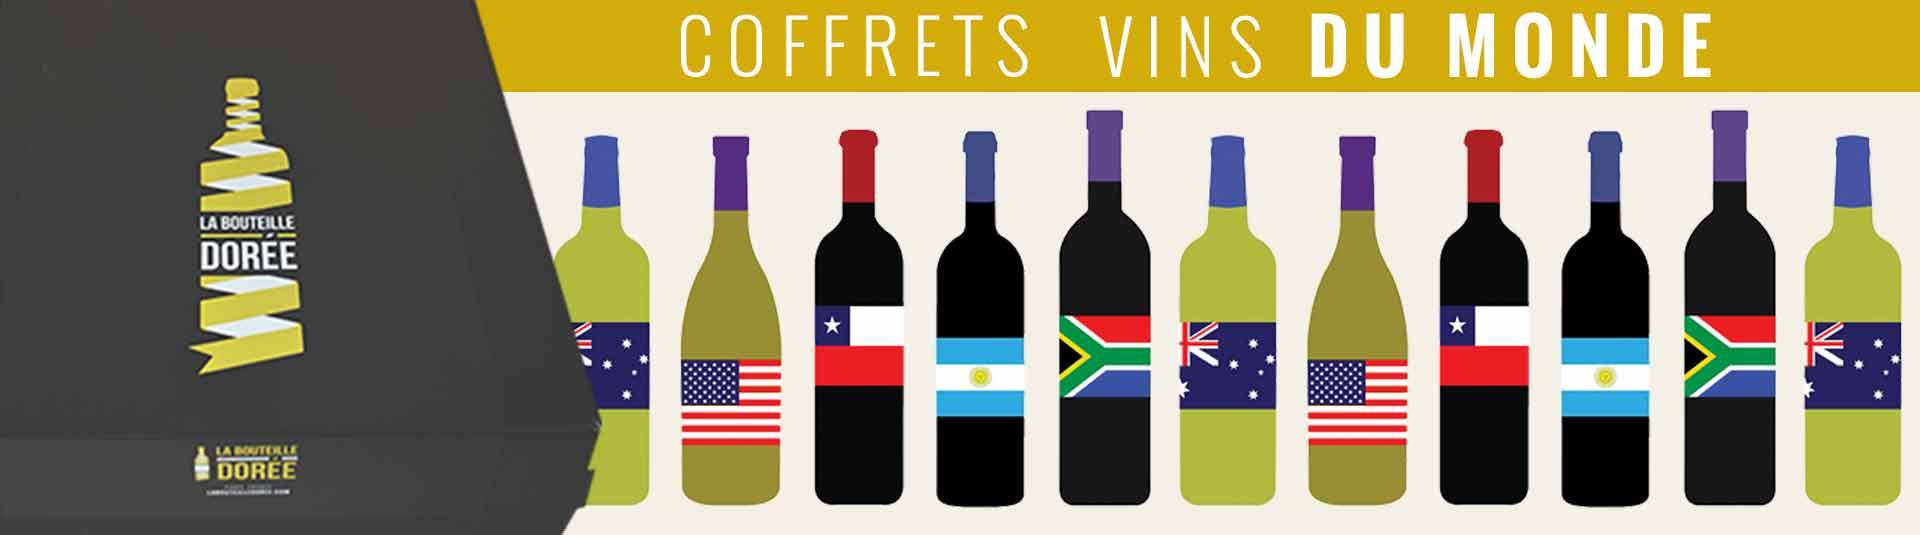 Coffret vins du monde